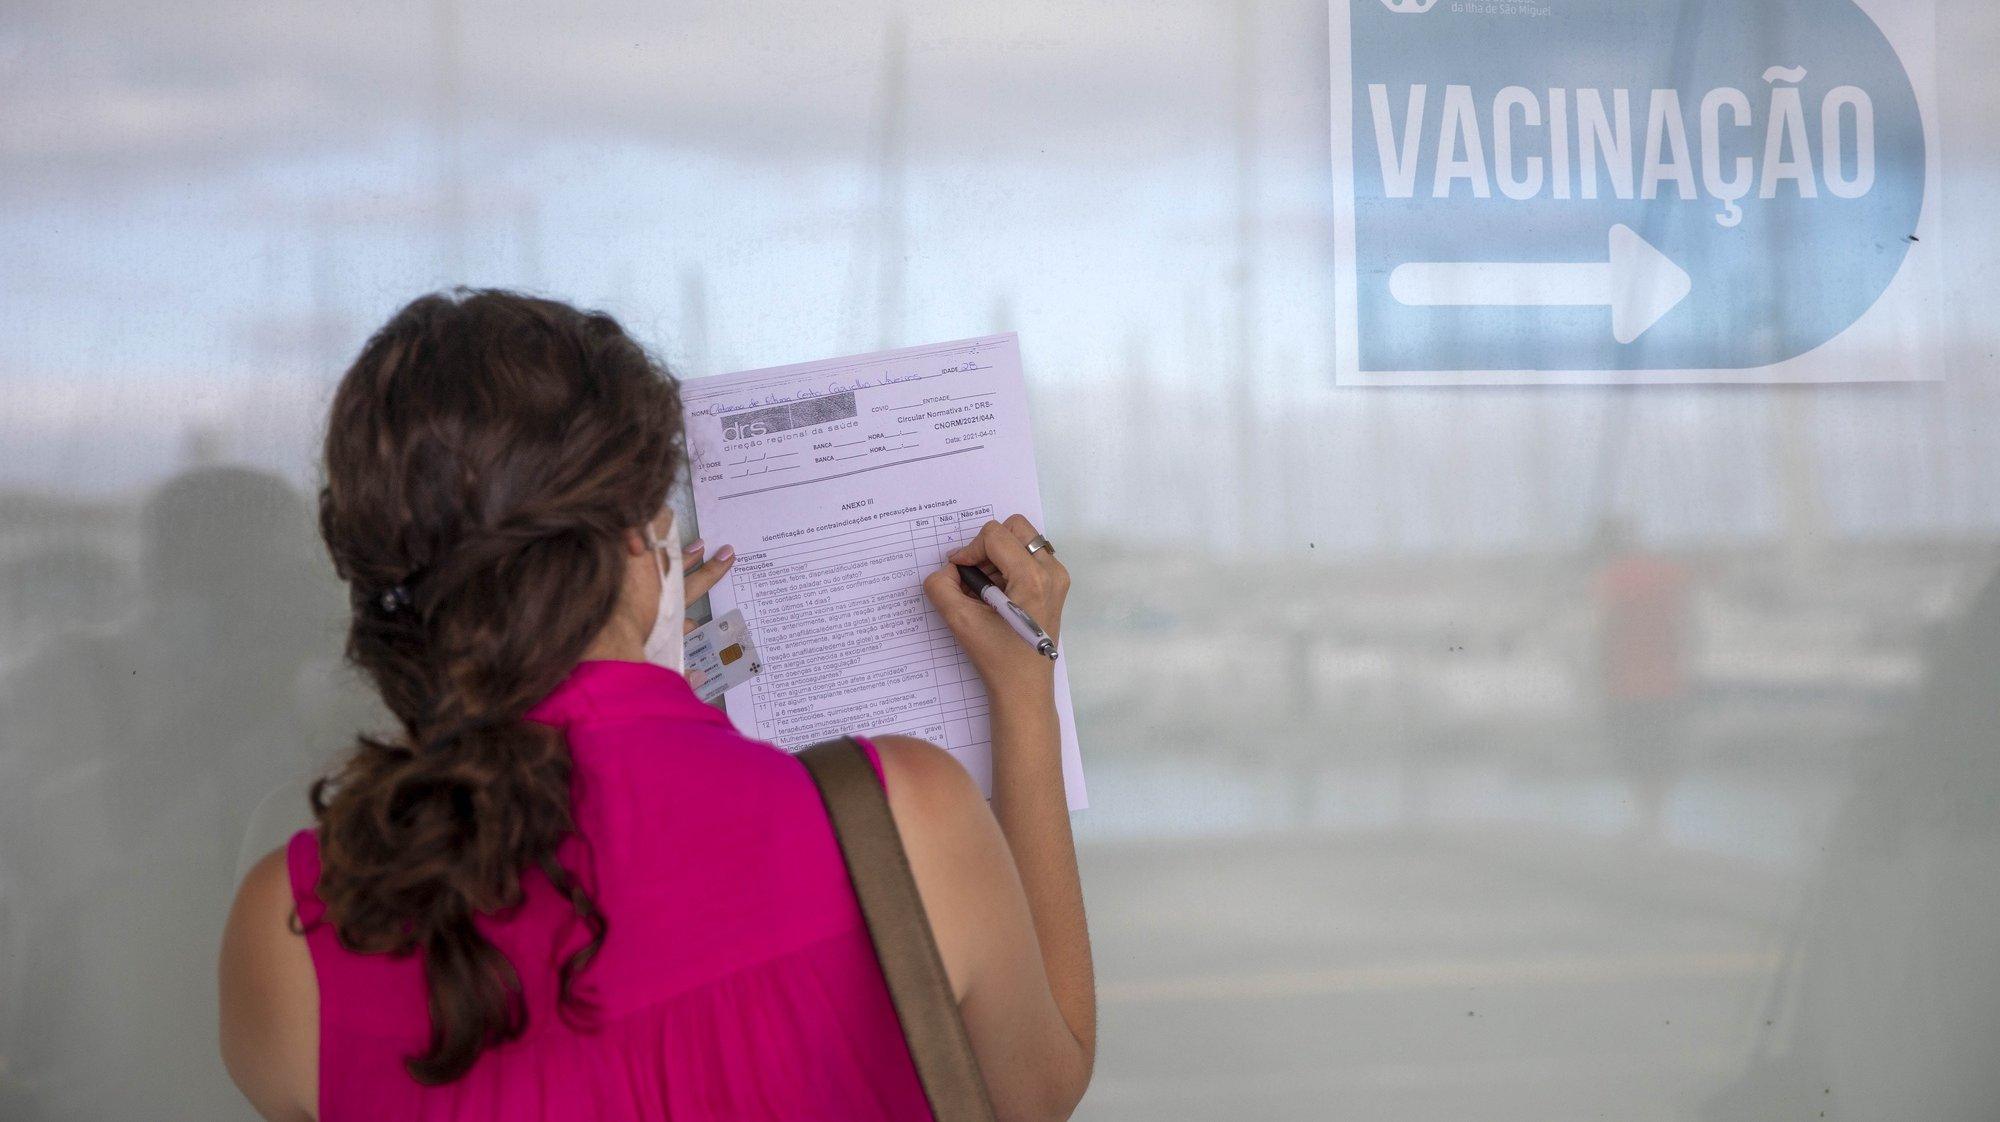 """O Centro de Vacinação de Ponta Delgada instalado no Pavilhão das Portas do Mar entrou hoje em modo """"Casa Aberta"""" para vacinar contra a covid-19 todos os residentes de São Miguel com idade igual ou superior a 18 anos, mesmo sem marcação, Ponta Delgada, Ilha de São Miguel, 4 de agosto de 2021. EDUARDO COSTA/LUSA"""